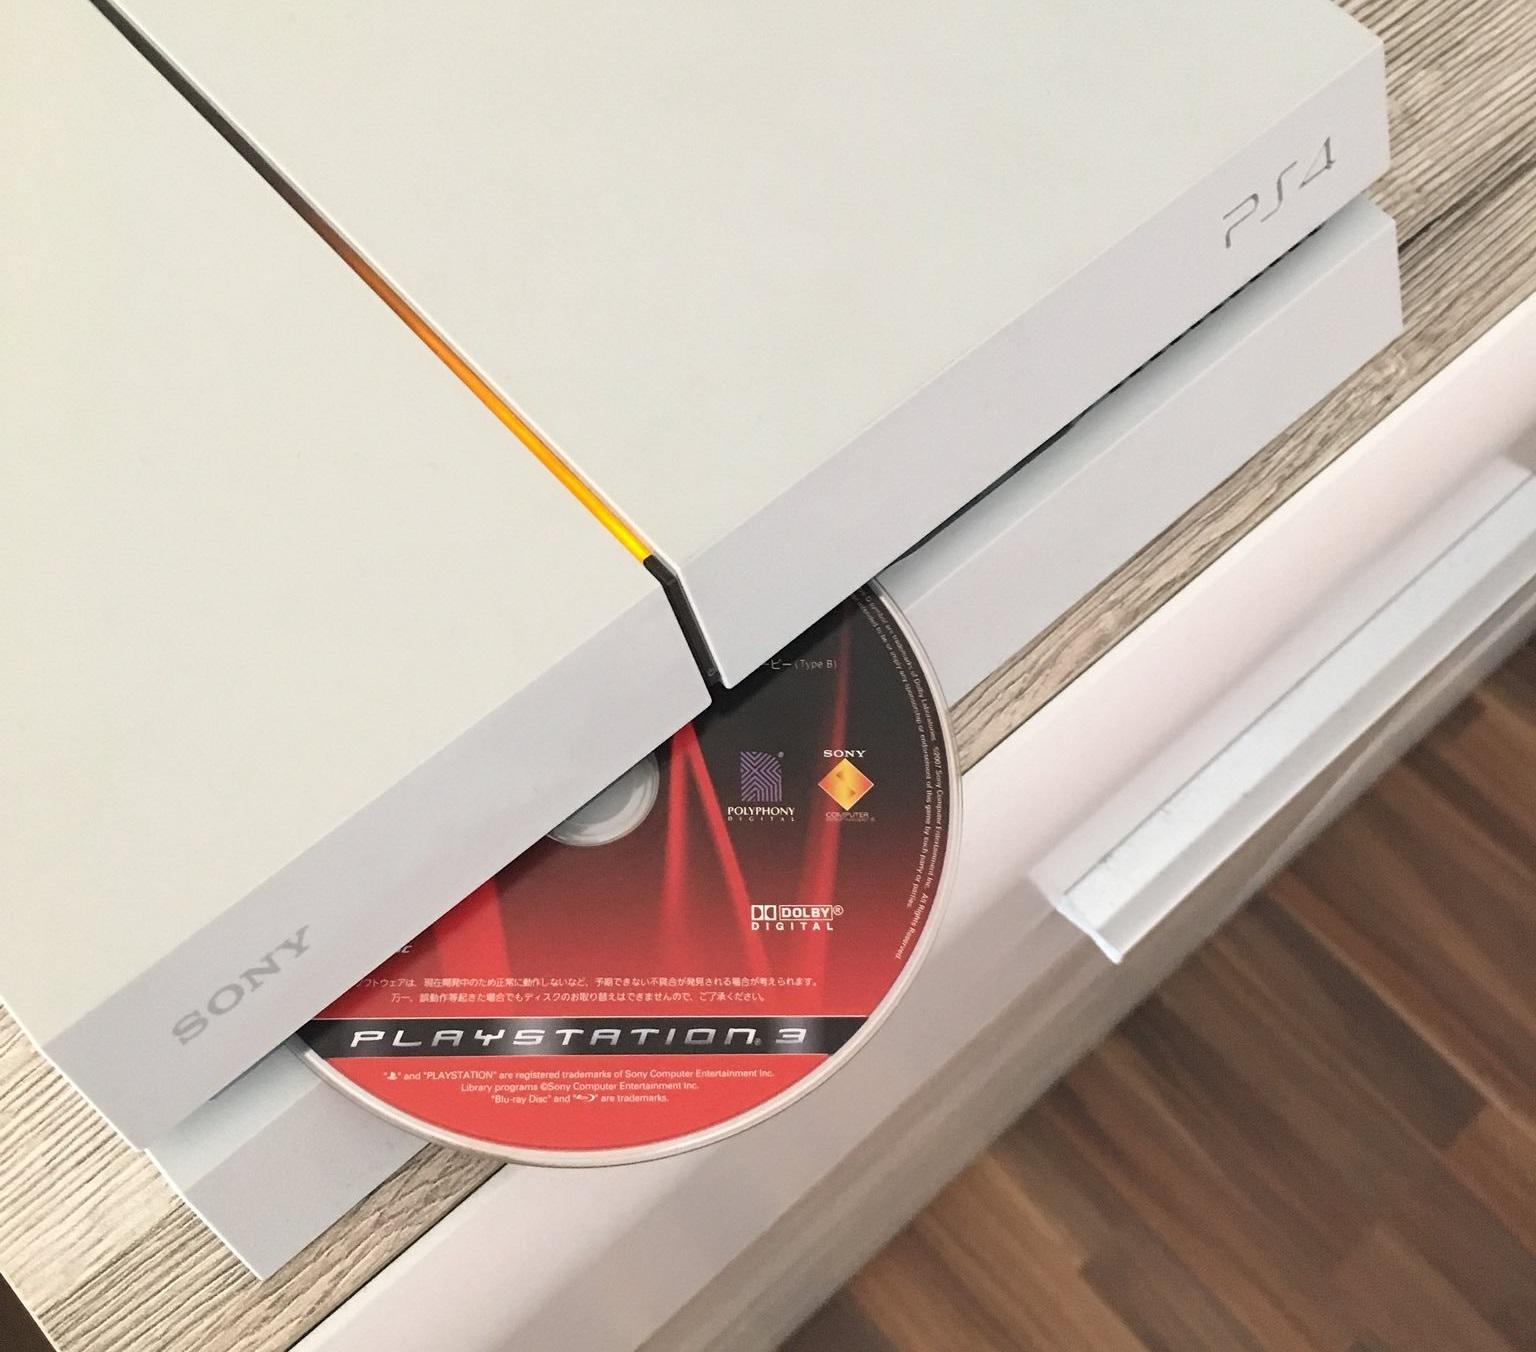 PS3 Disc inside PS4.jpg